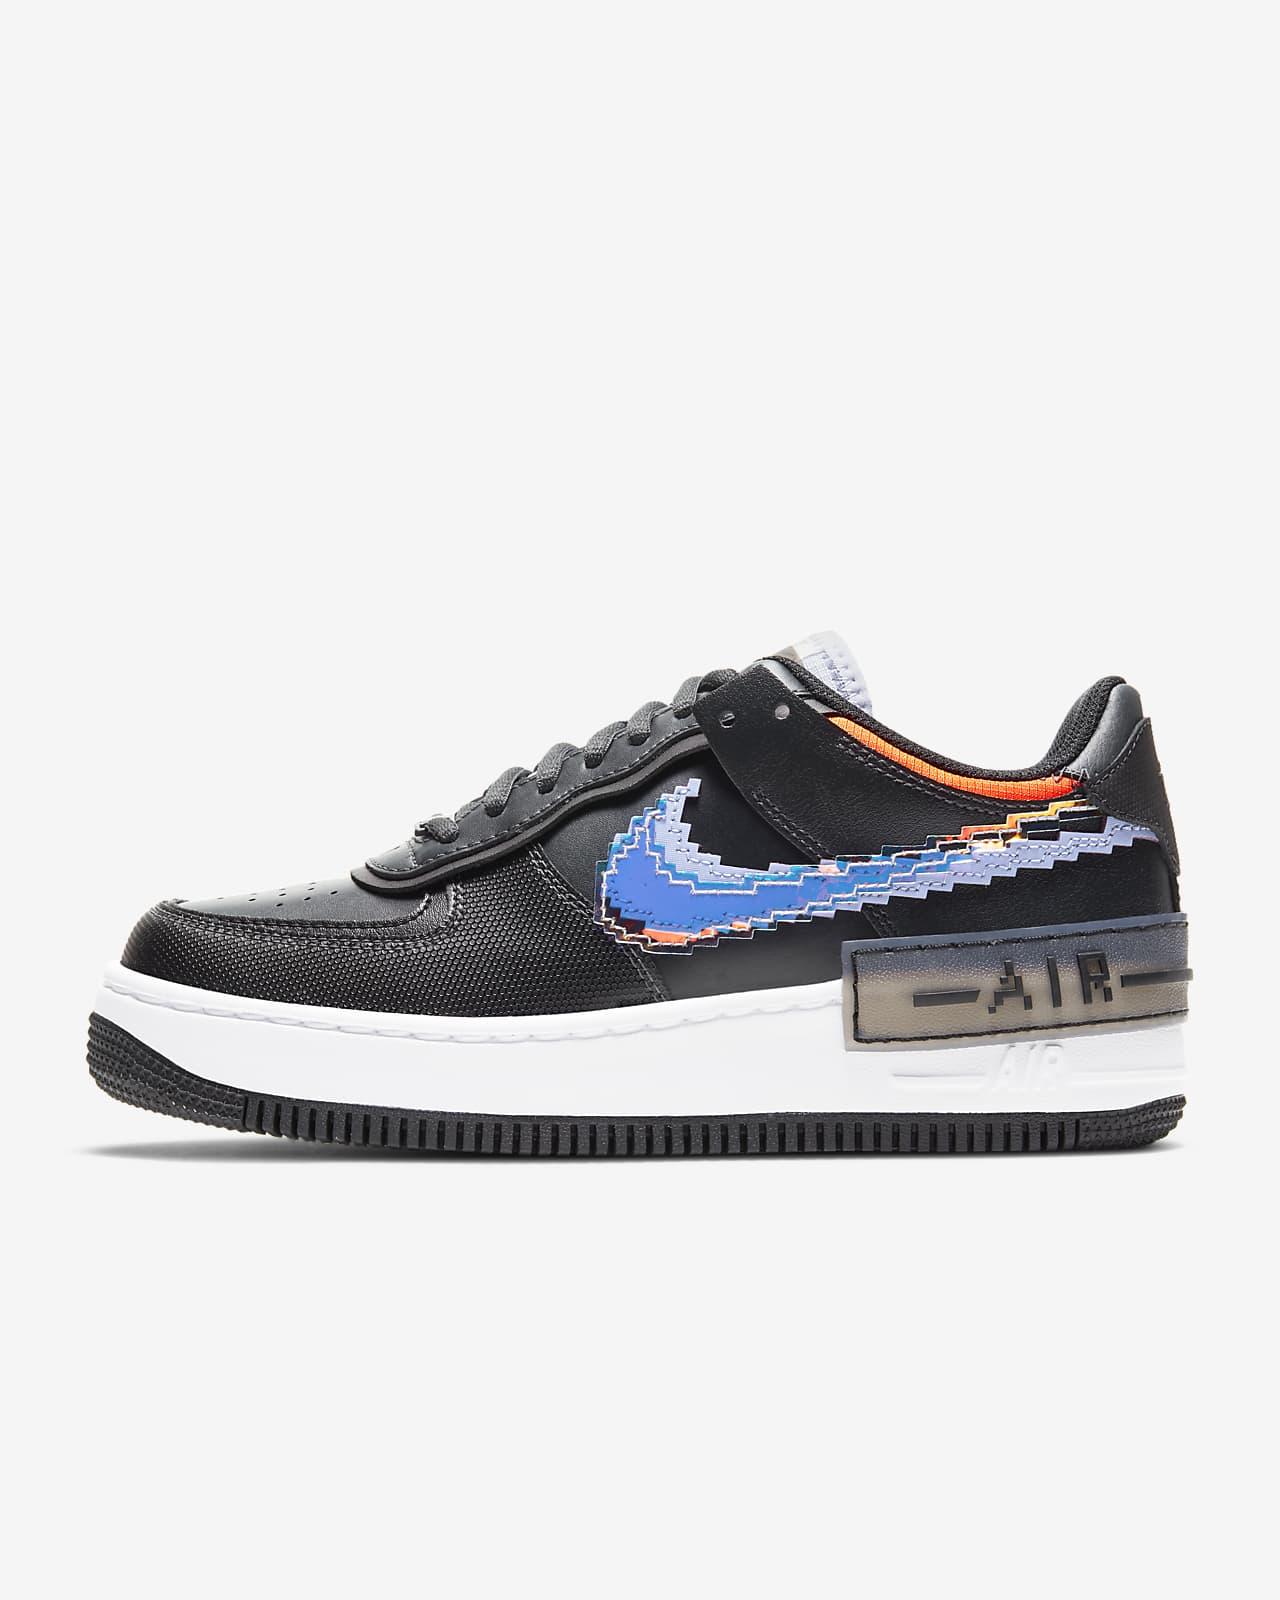 รองเท้าผู้หญิง Nike Air Force 1 Shadow SE